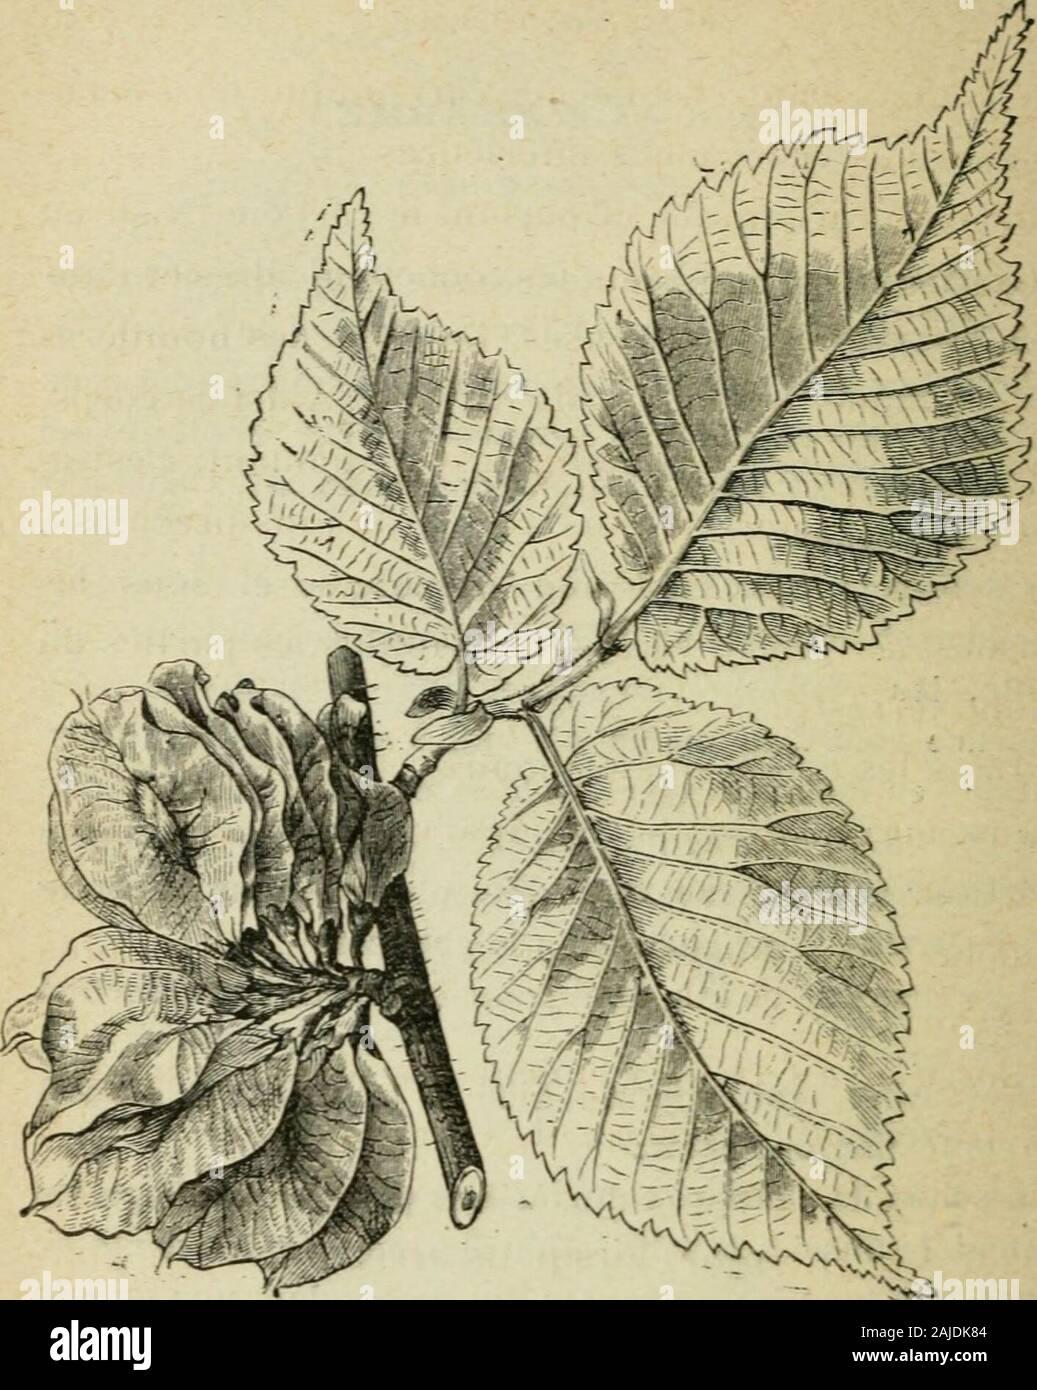 Éléments de sylviculture . ui sont frais et profonds. Comme le chêne, à côté duquelon le rencontre souvent, il saccommode assez bien desterrains argileux. Le charme repousse bien de souche ; aussi est-il habi-tuellement exploité en taillis. Comme sa croissance estlente, les révolutions adoptées pour les taillis de cetteessence sont dau moins dix-huit à vingt ans ; traité enfutaie, en mélange avec le chêne et le hêtre, le charmeest considéré comme une essence secondaire destinée àfavoriser la croissance des arbres plus précieux auxquelson lassocie. Il supporte bien le couvert. Les jeunes plants Stock Photo